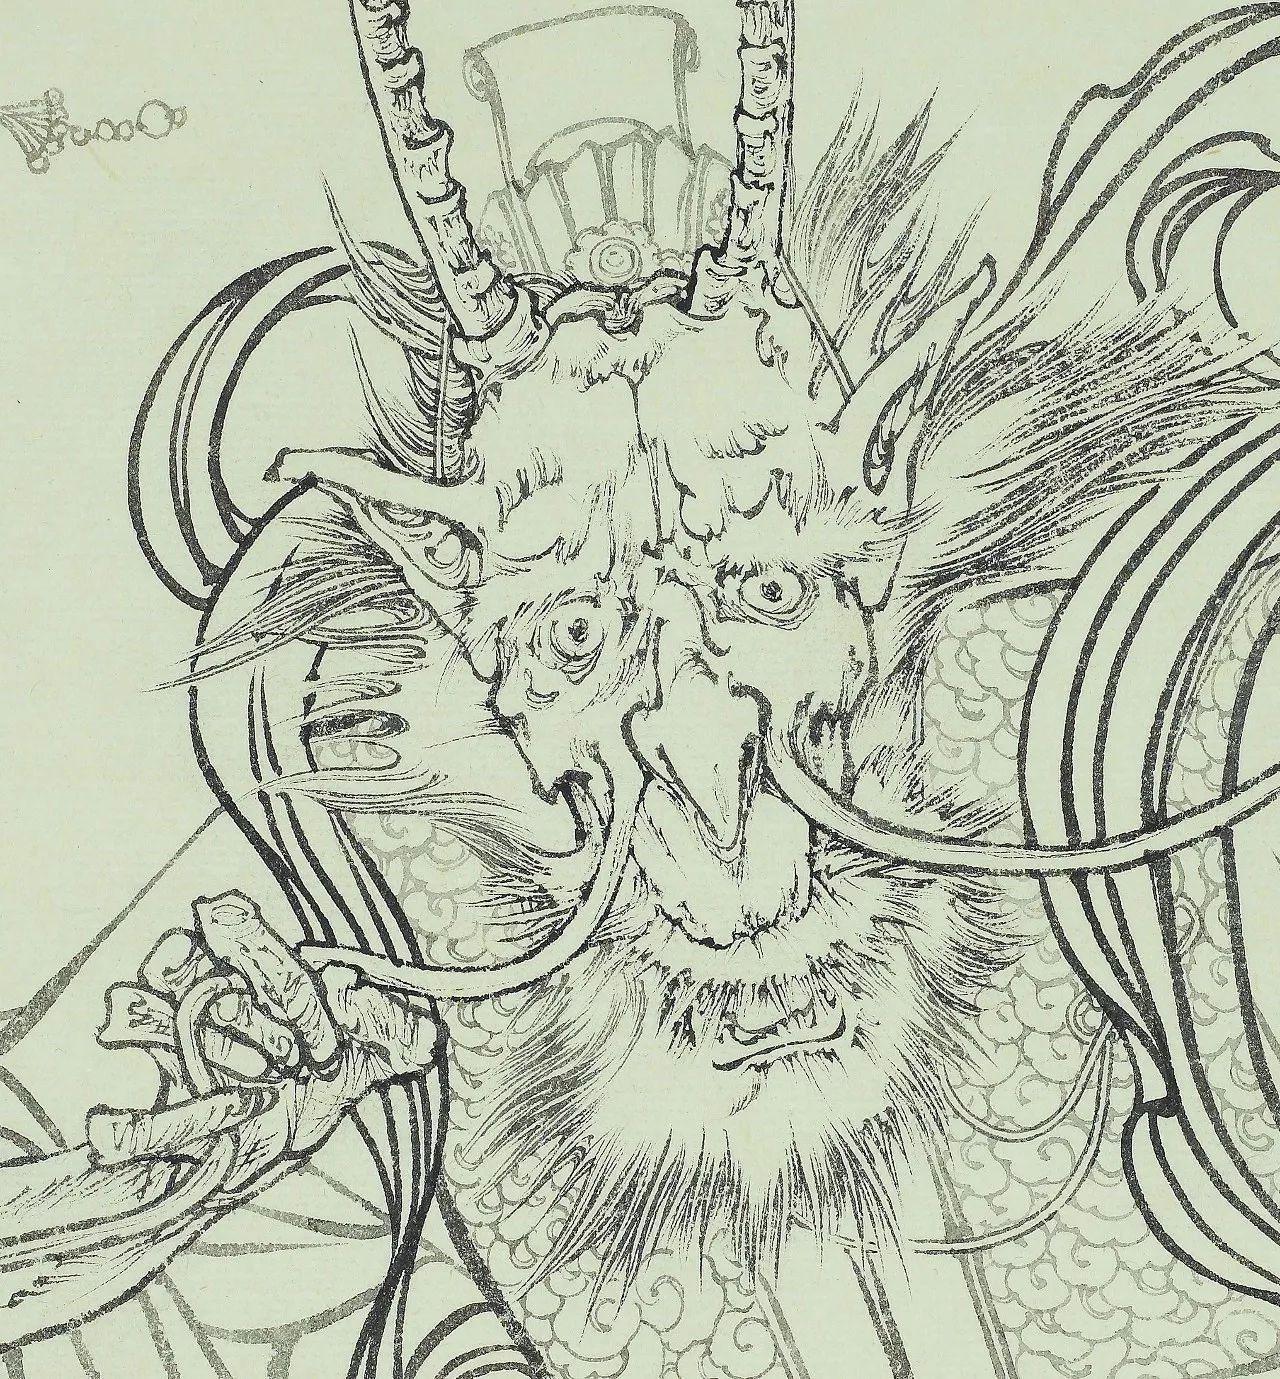 梦龙·门神——付爱民补绘《西游记》连环画原稿全国巡回展 第二回